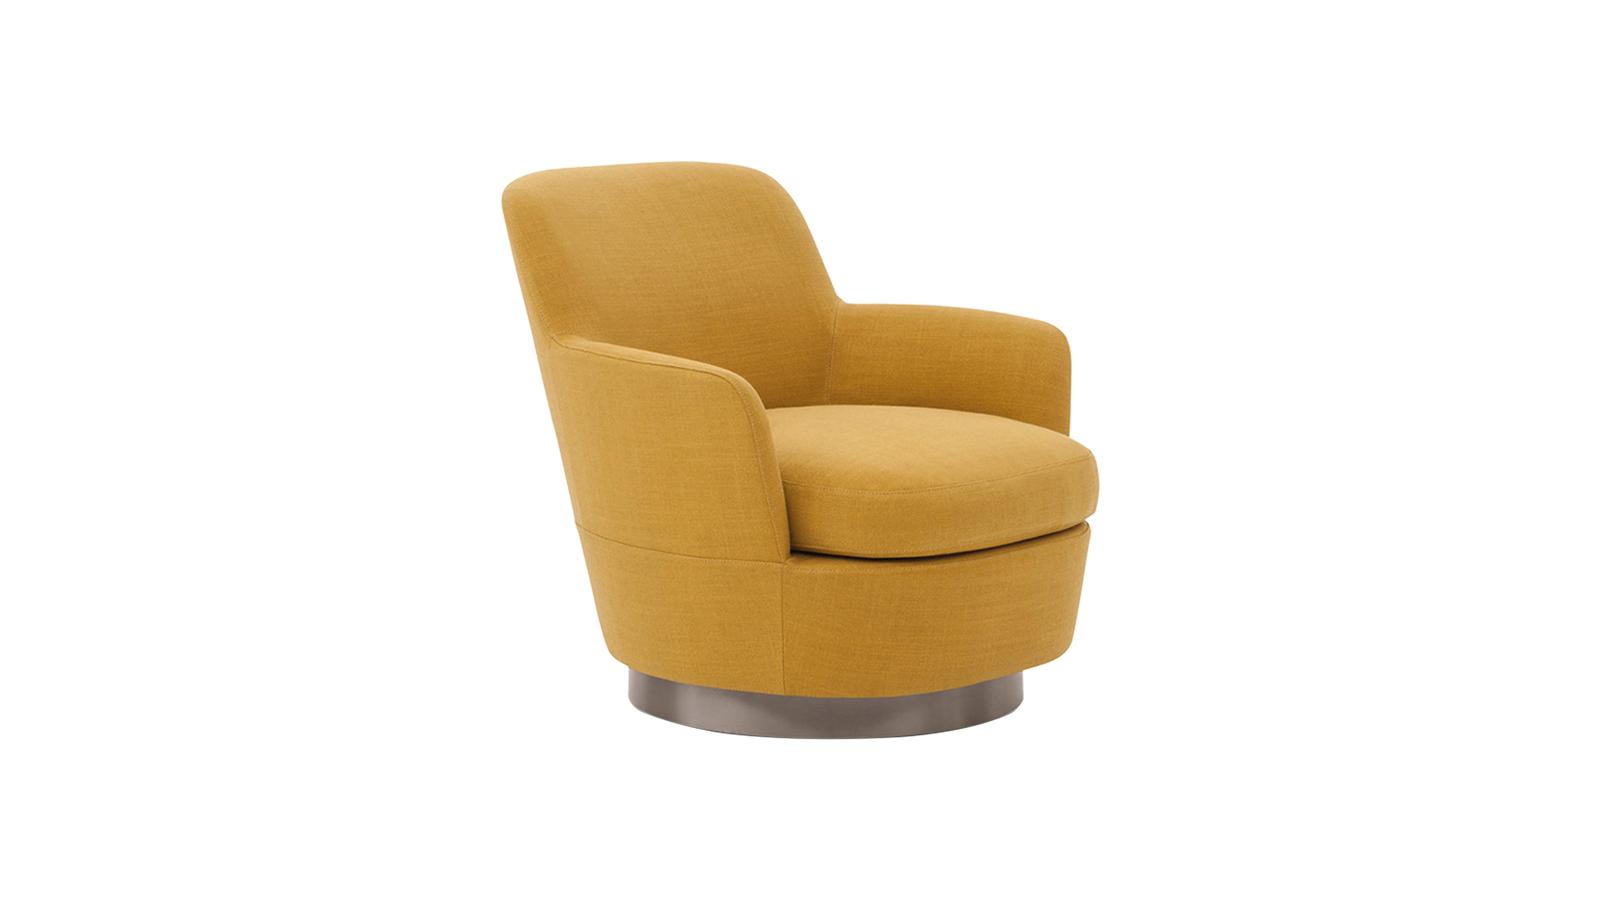 Lágy formák, kompakt arányok, ragyogó részletek: a Minotti Jacques kollekciója rendkívüli otthonosságot sugároz, leheletnyi nosztalgiával fűszerezve. A sorozat, melyhez kanapék, puffok és karosszékek is tartoznak, elegáns és kényelmes – akárcsak ez a kis fotel, mely forgatható változatban is elérhető.